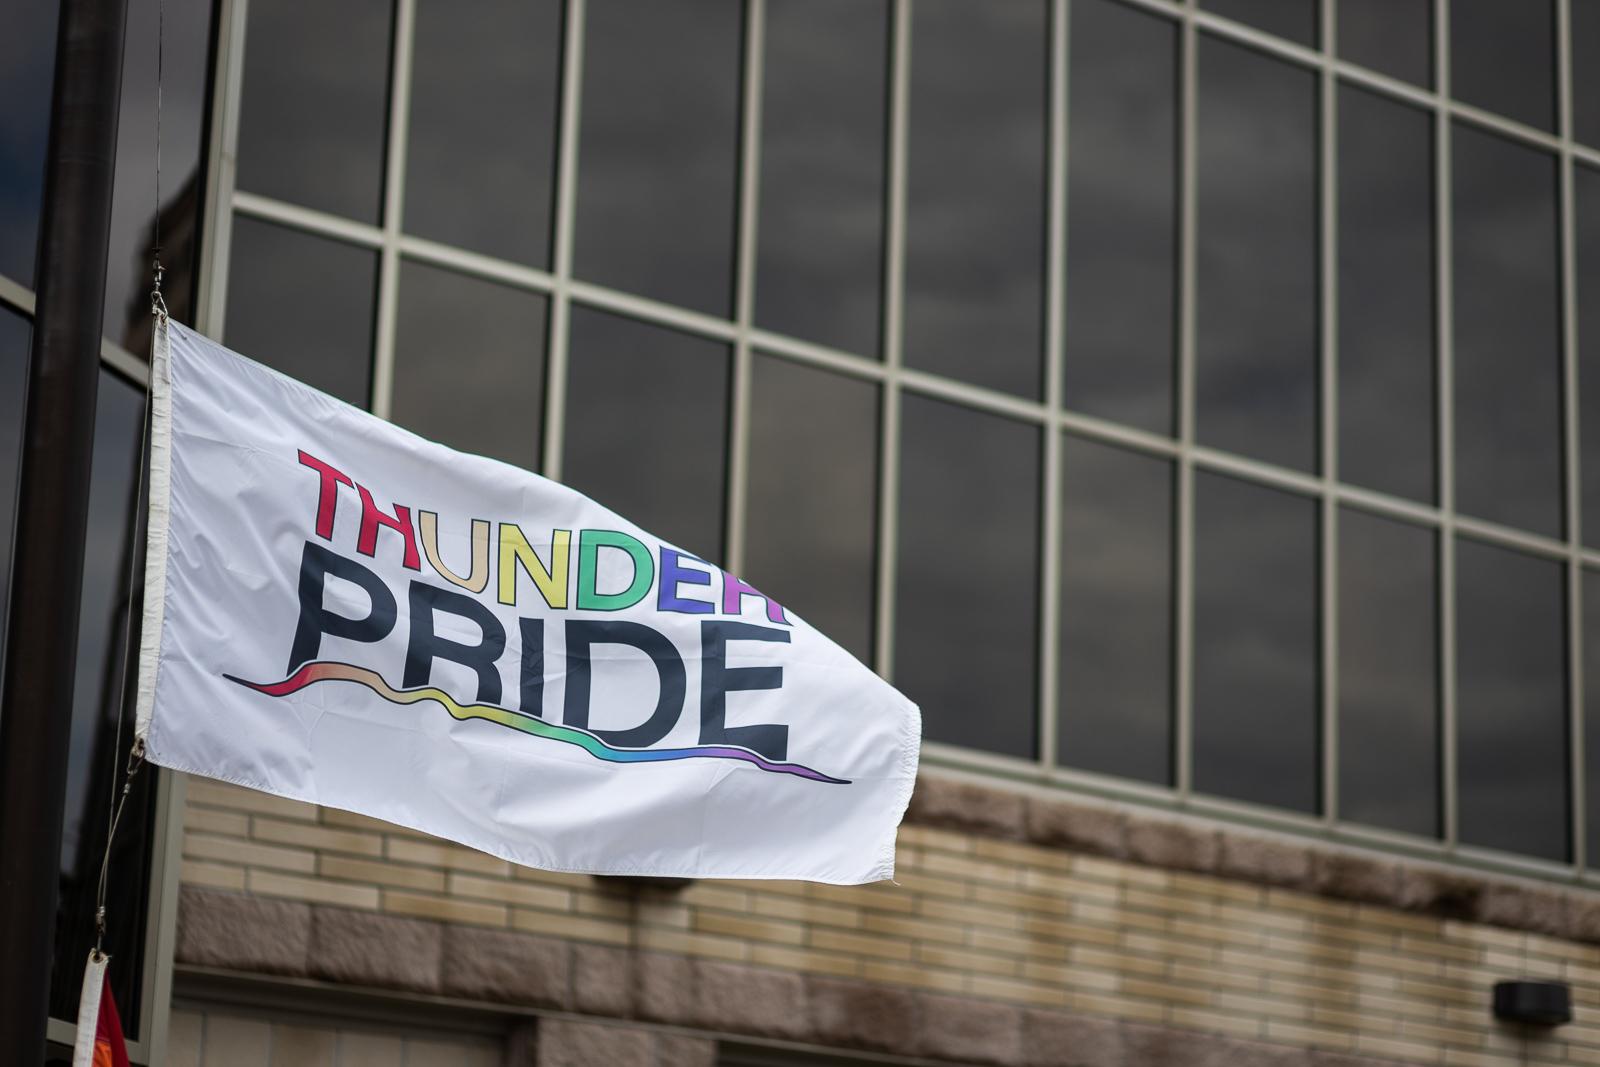 pride-2019-opening-ceremonies-blog-55.jpg